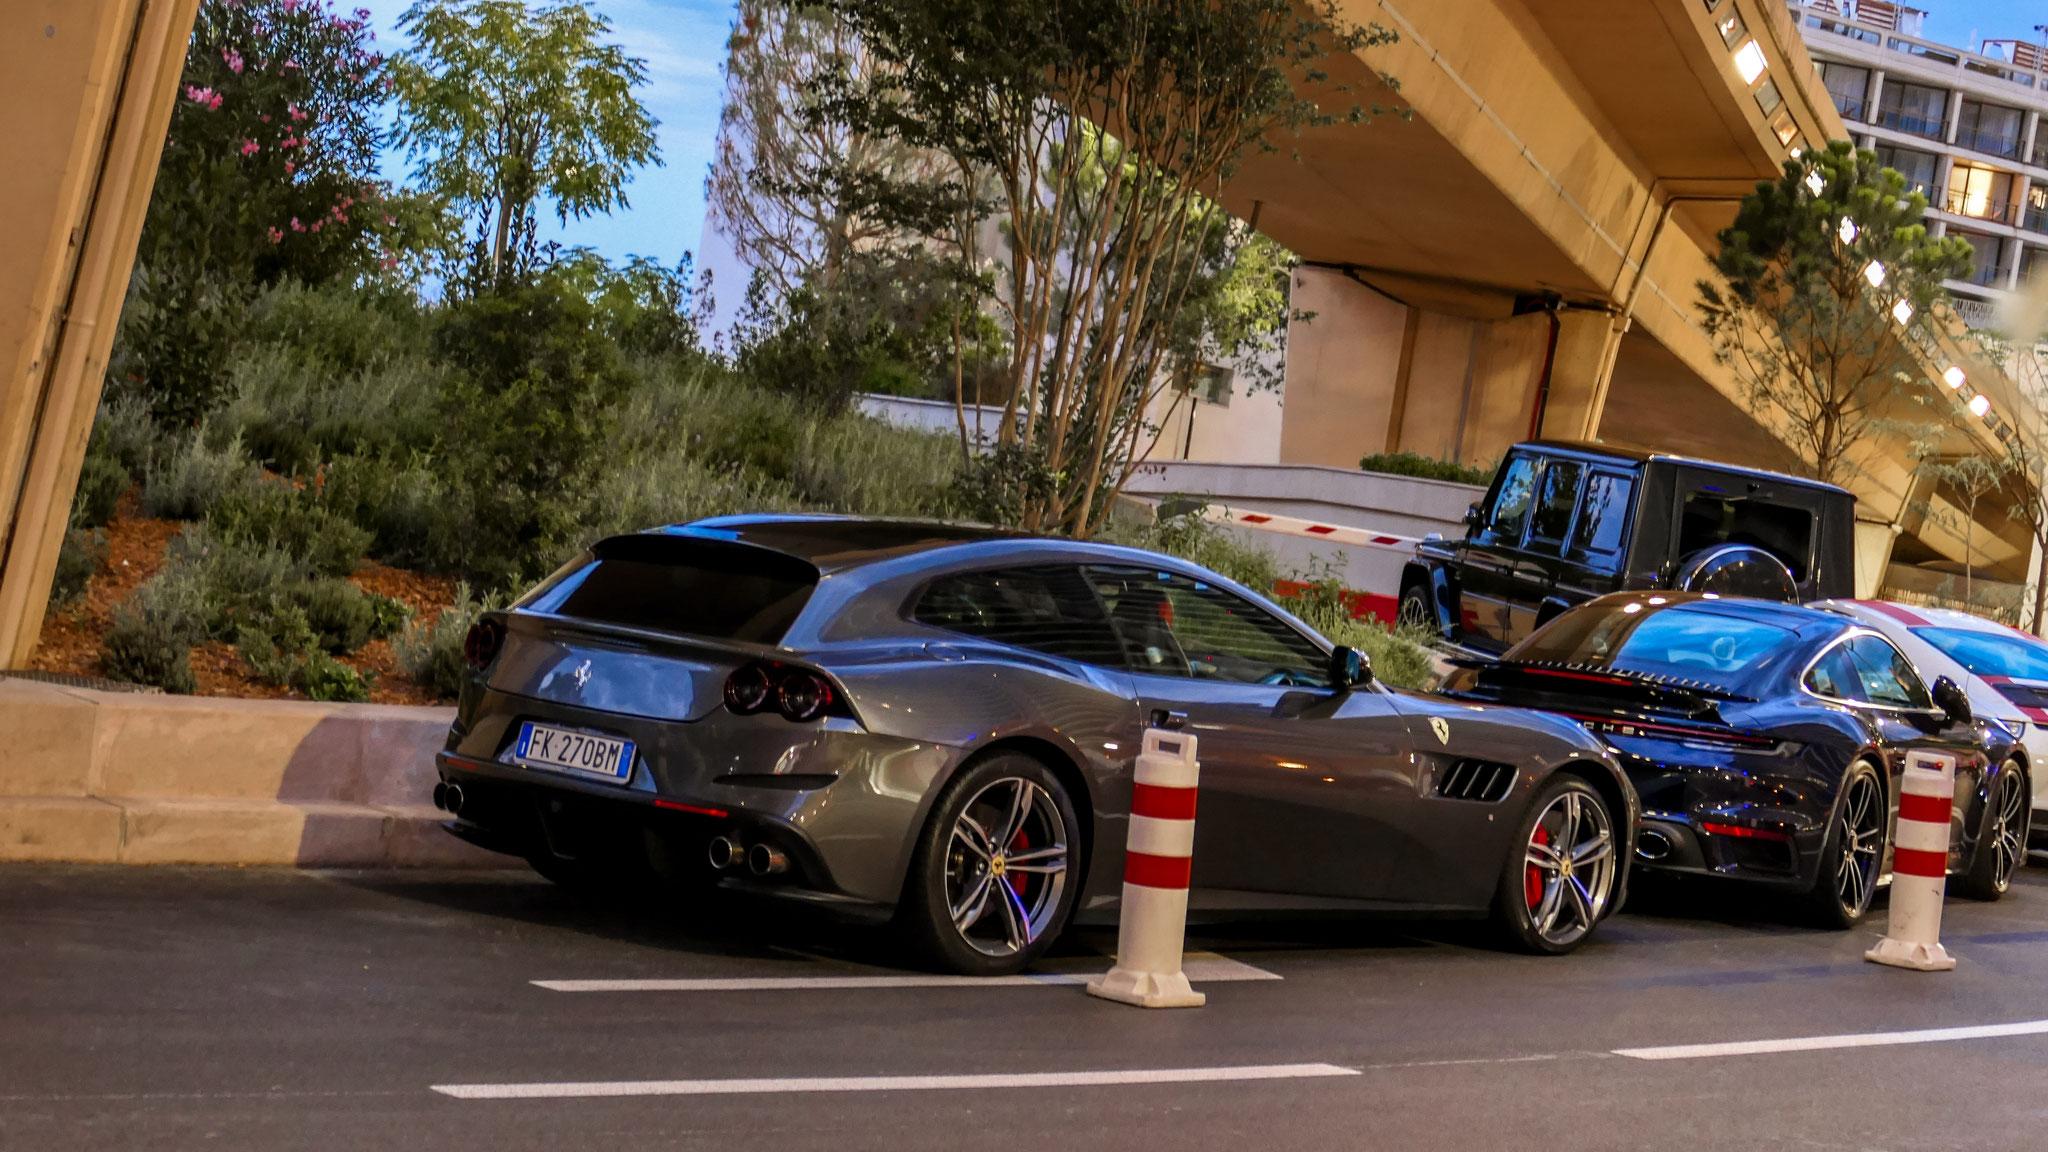 Ferrari GTC4 Lusso - FK-170-BM (ITA)